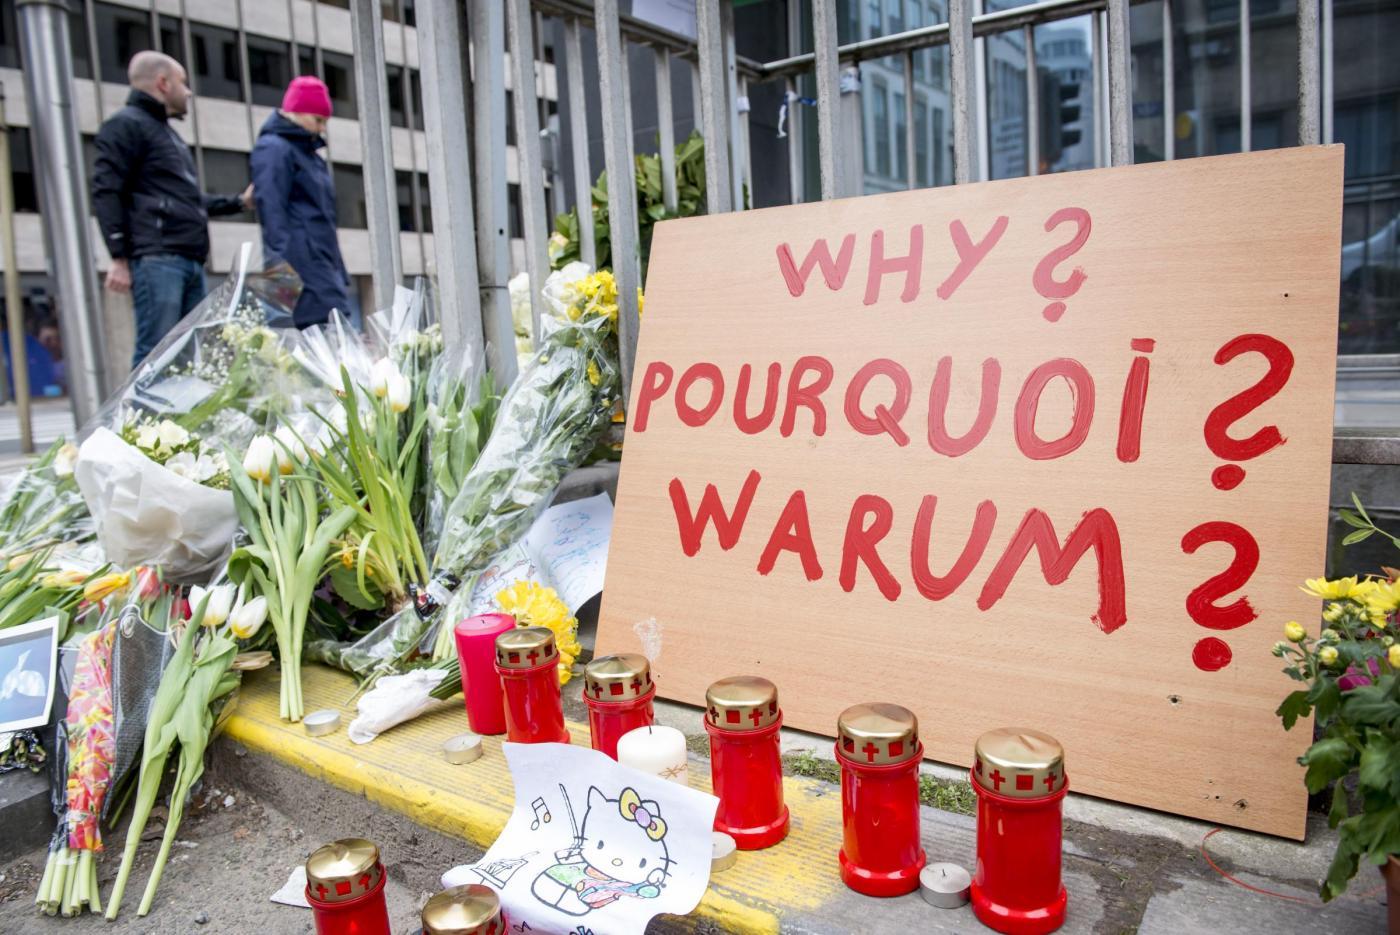 Attentati di Bruxelles, perché hanno colpito il Belgio?